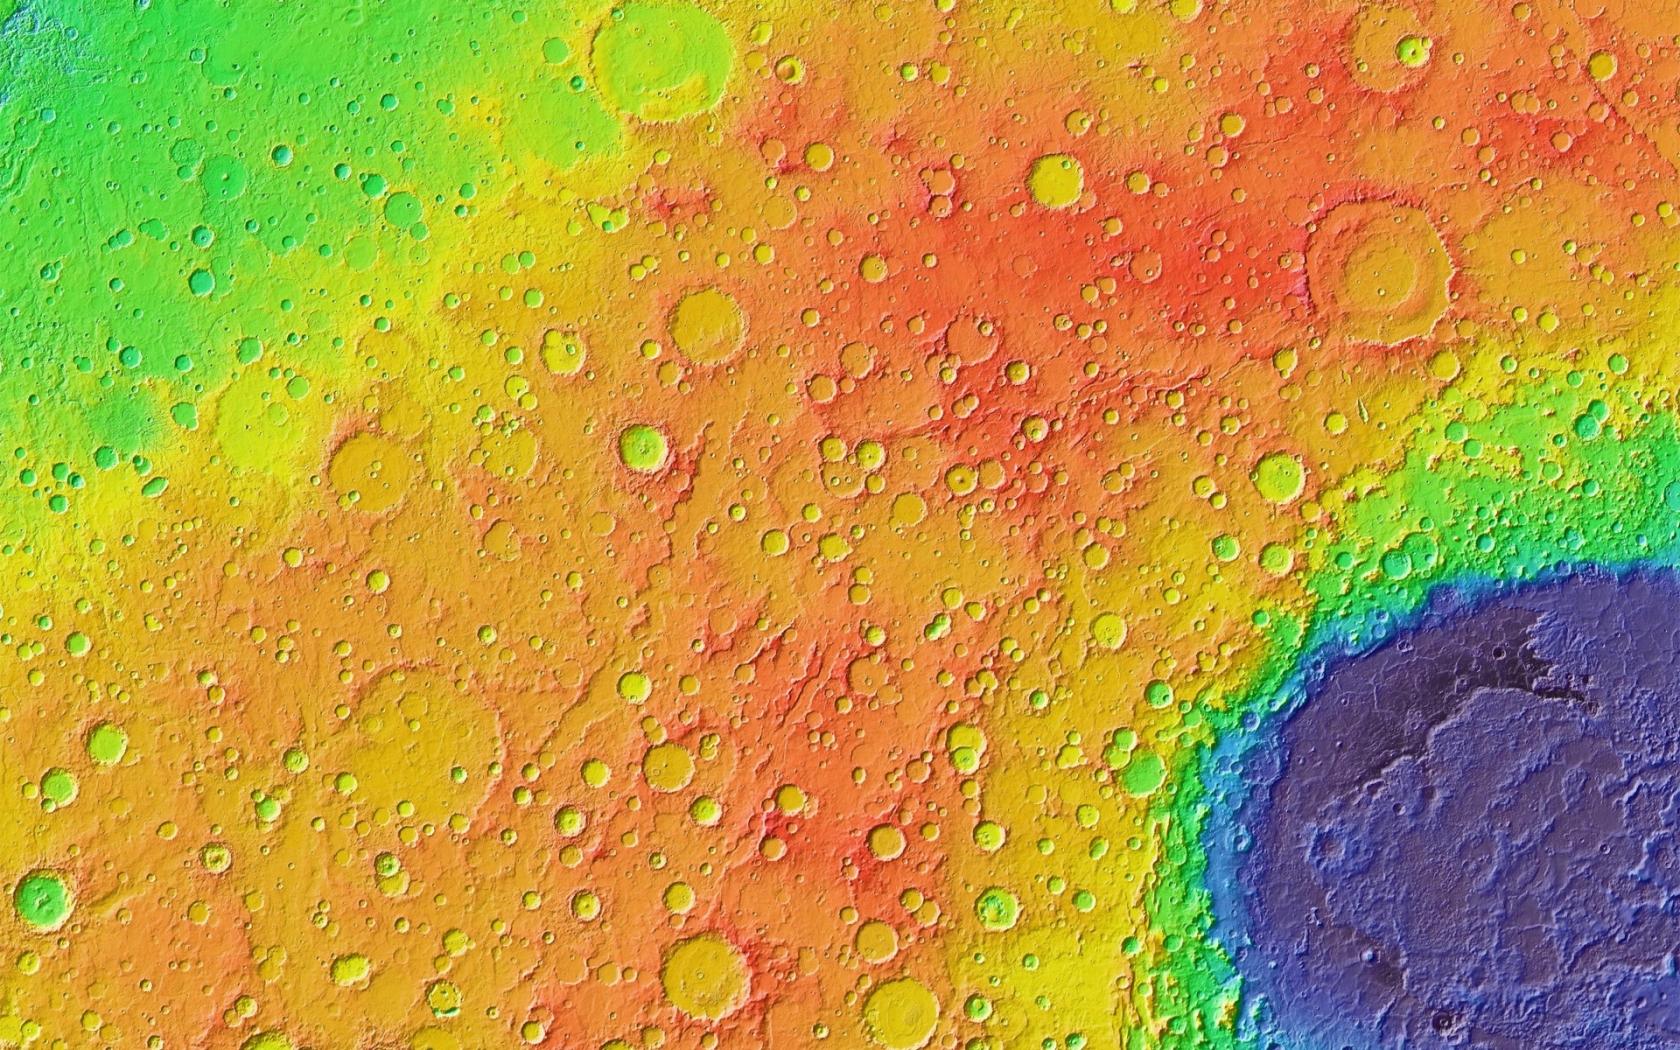 Textura colorida hd 1680x1050 imagenes wallpapers gratis dise o de arte fondos de Diseno y textura